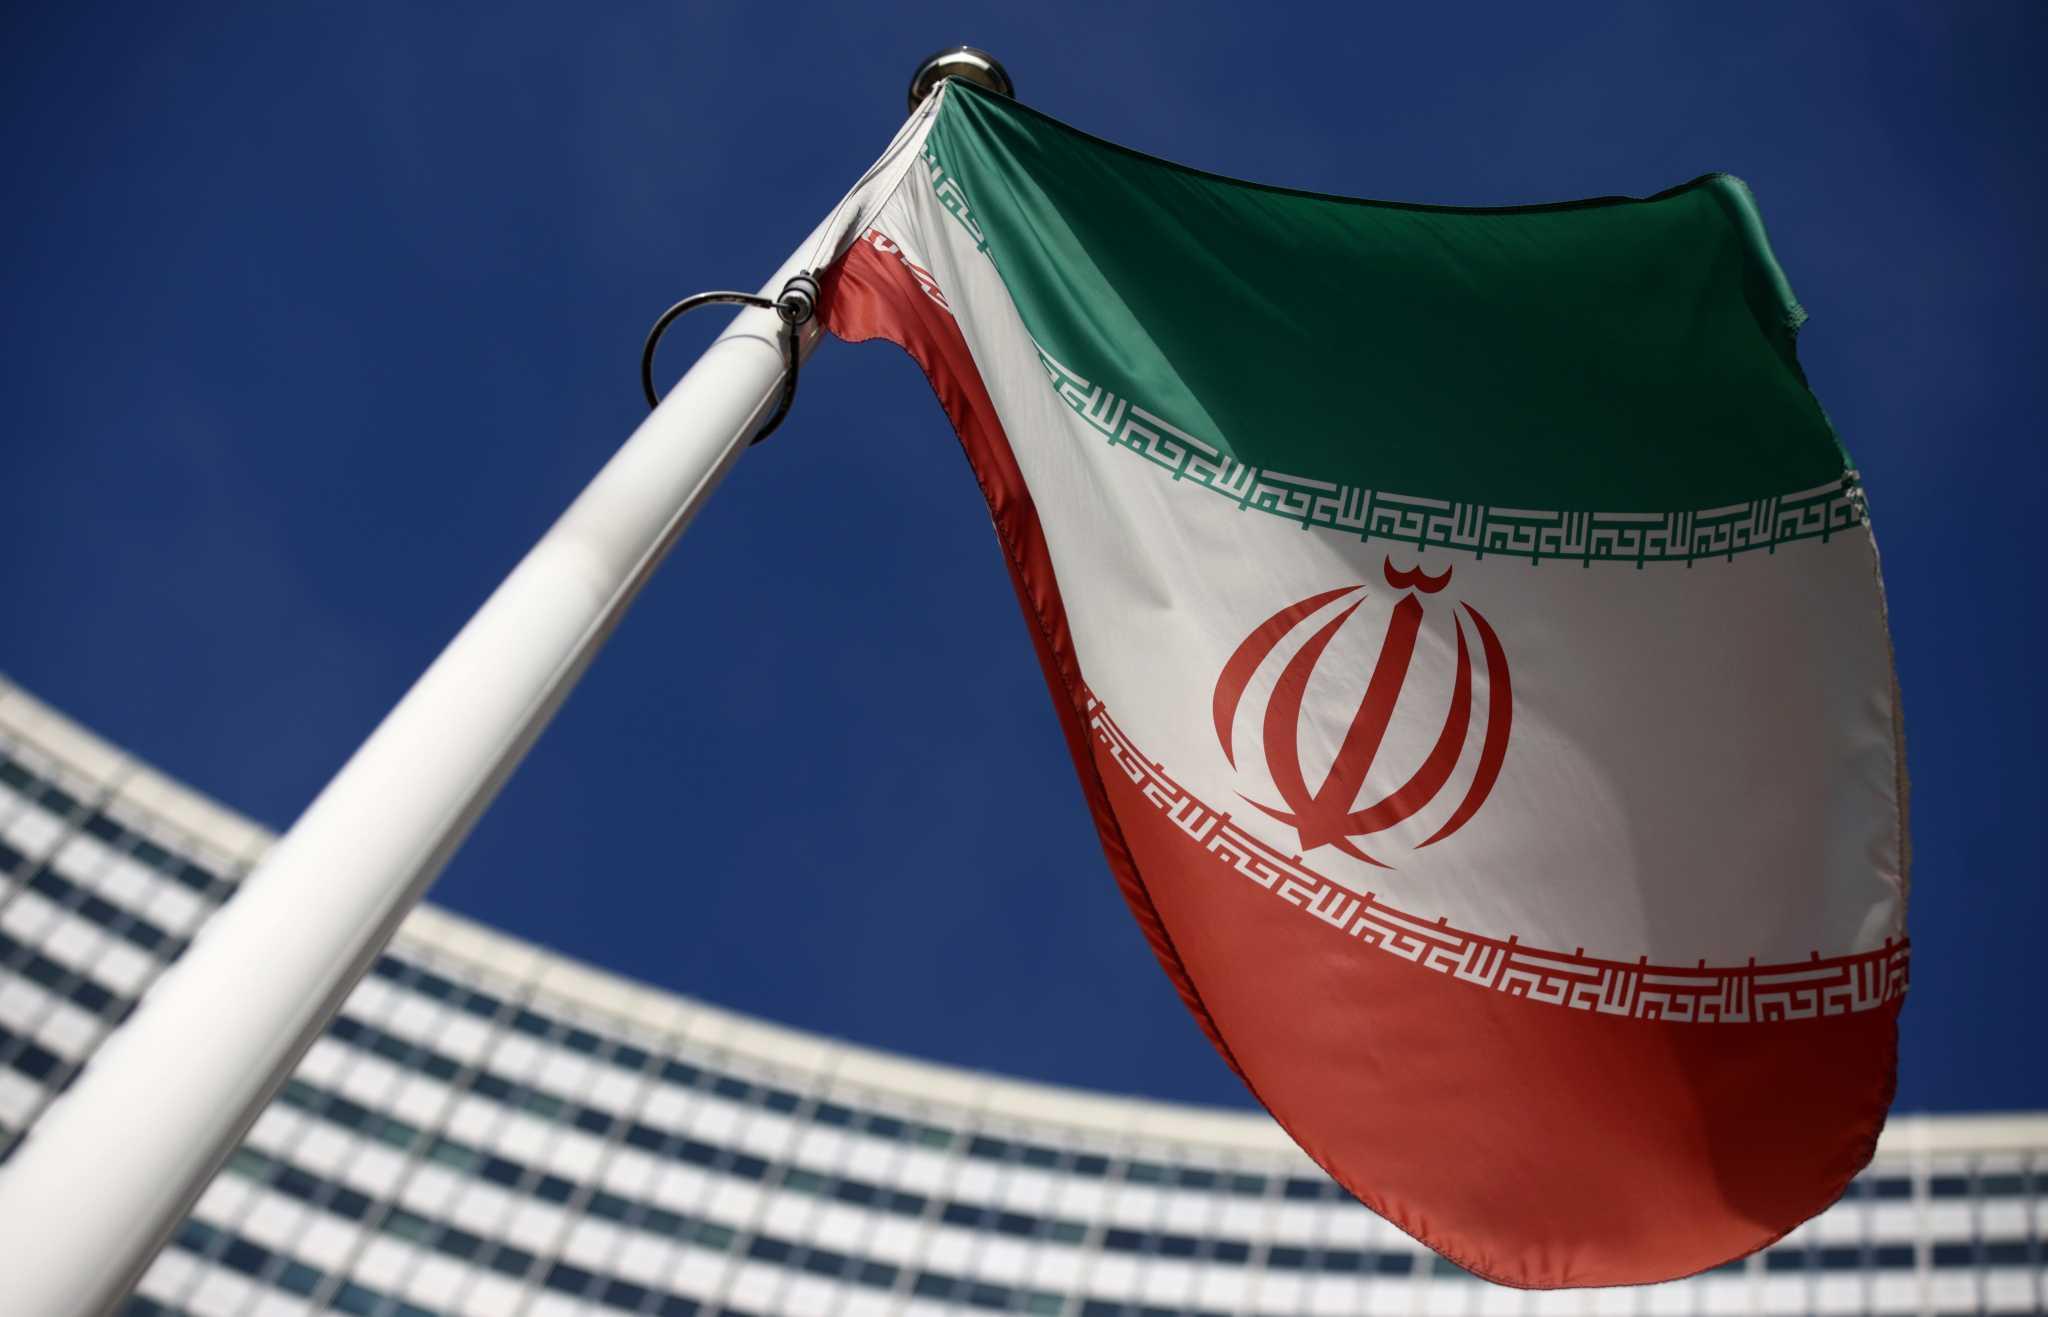 Ροχανί: Ο εμπλουτισμός ουρανίου του Ιράν είναι απάντηση στην «πυρηνική τρομοκρατία» του Ισραήλ